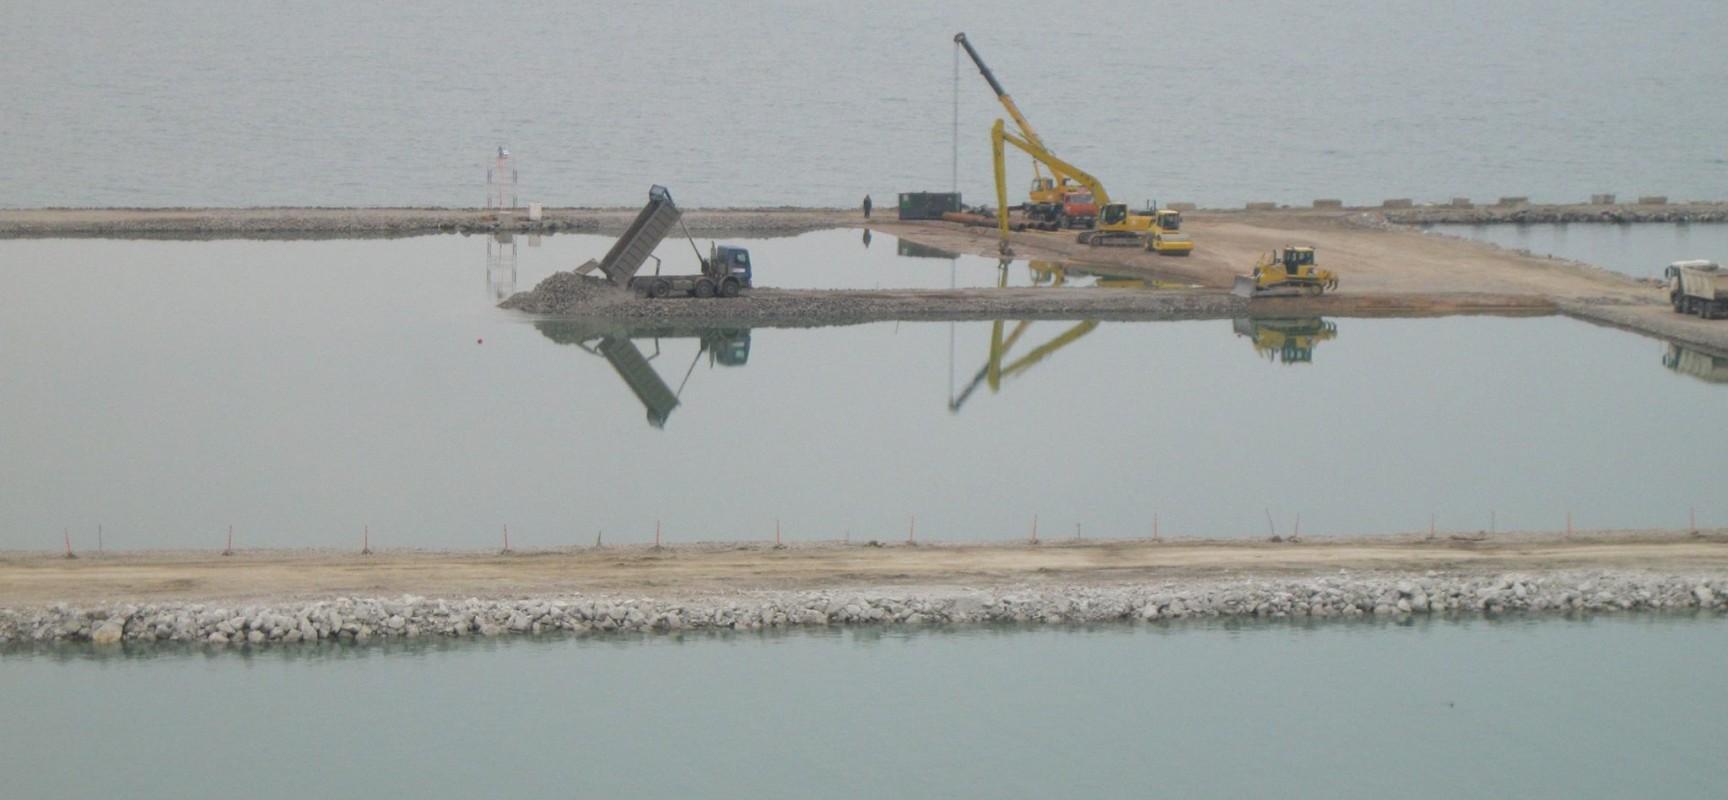 РМ-3. Керчь. Строительство моста через пролив. 3 марта 2016